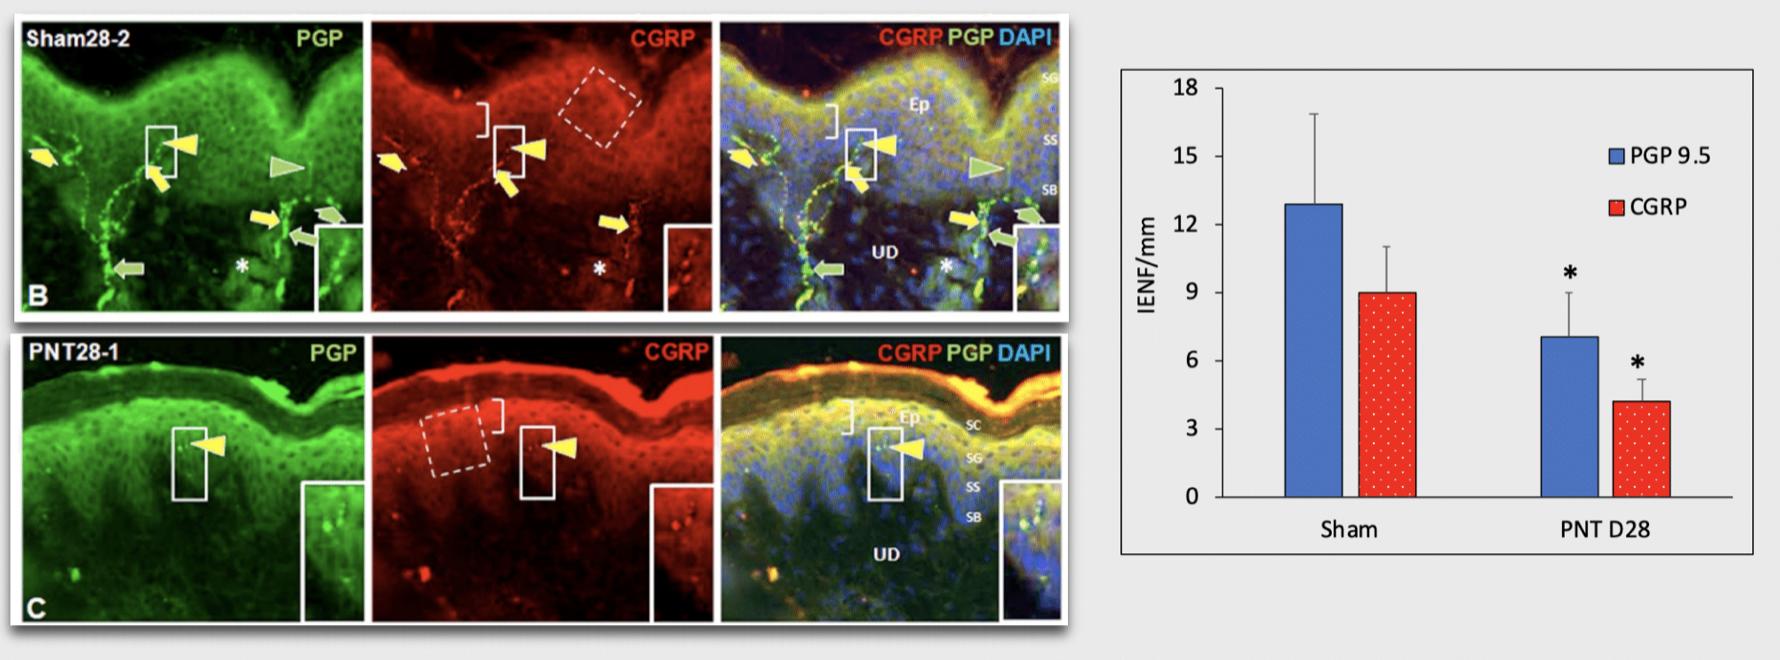 PNT sciatic nerve injury pig skin biomarker